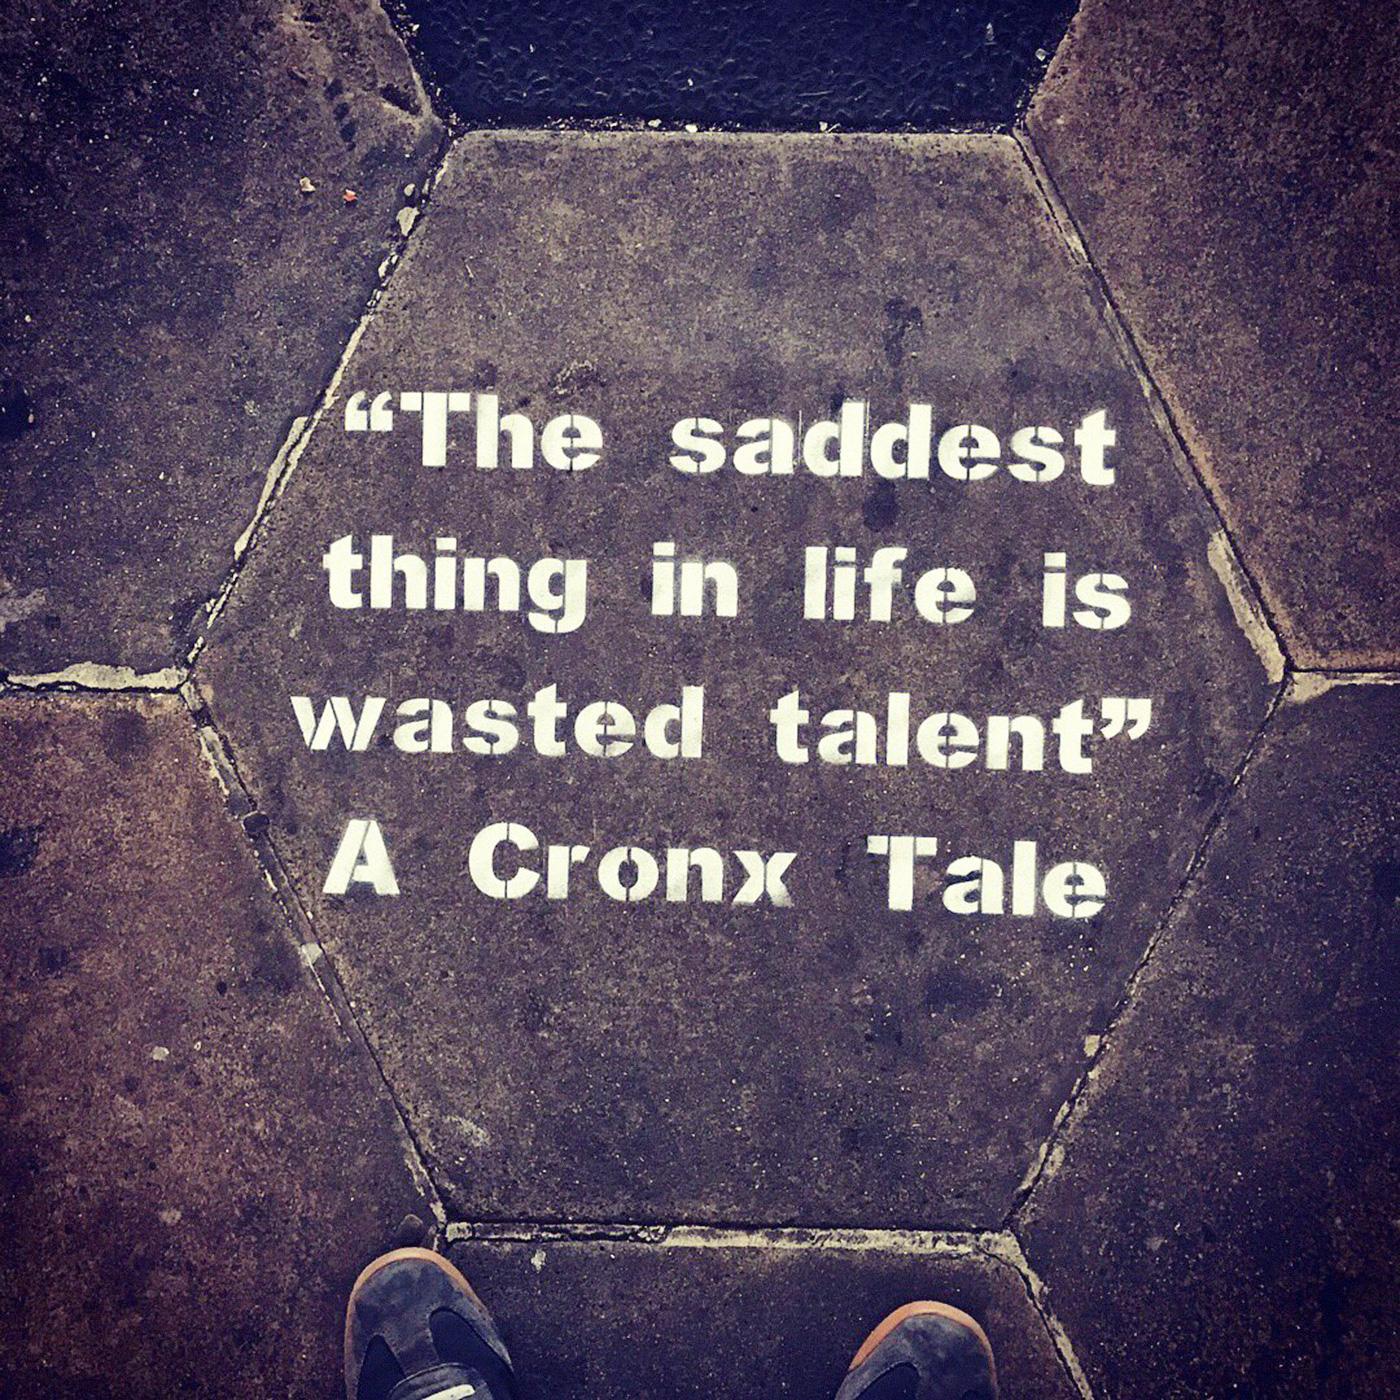 a crony tale